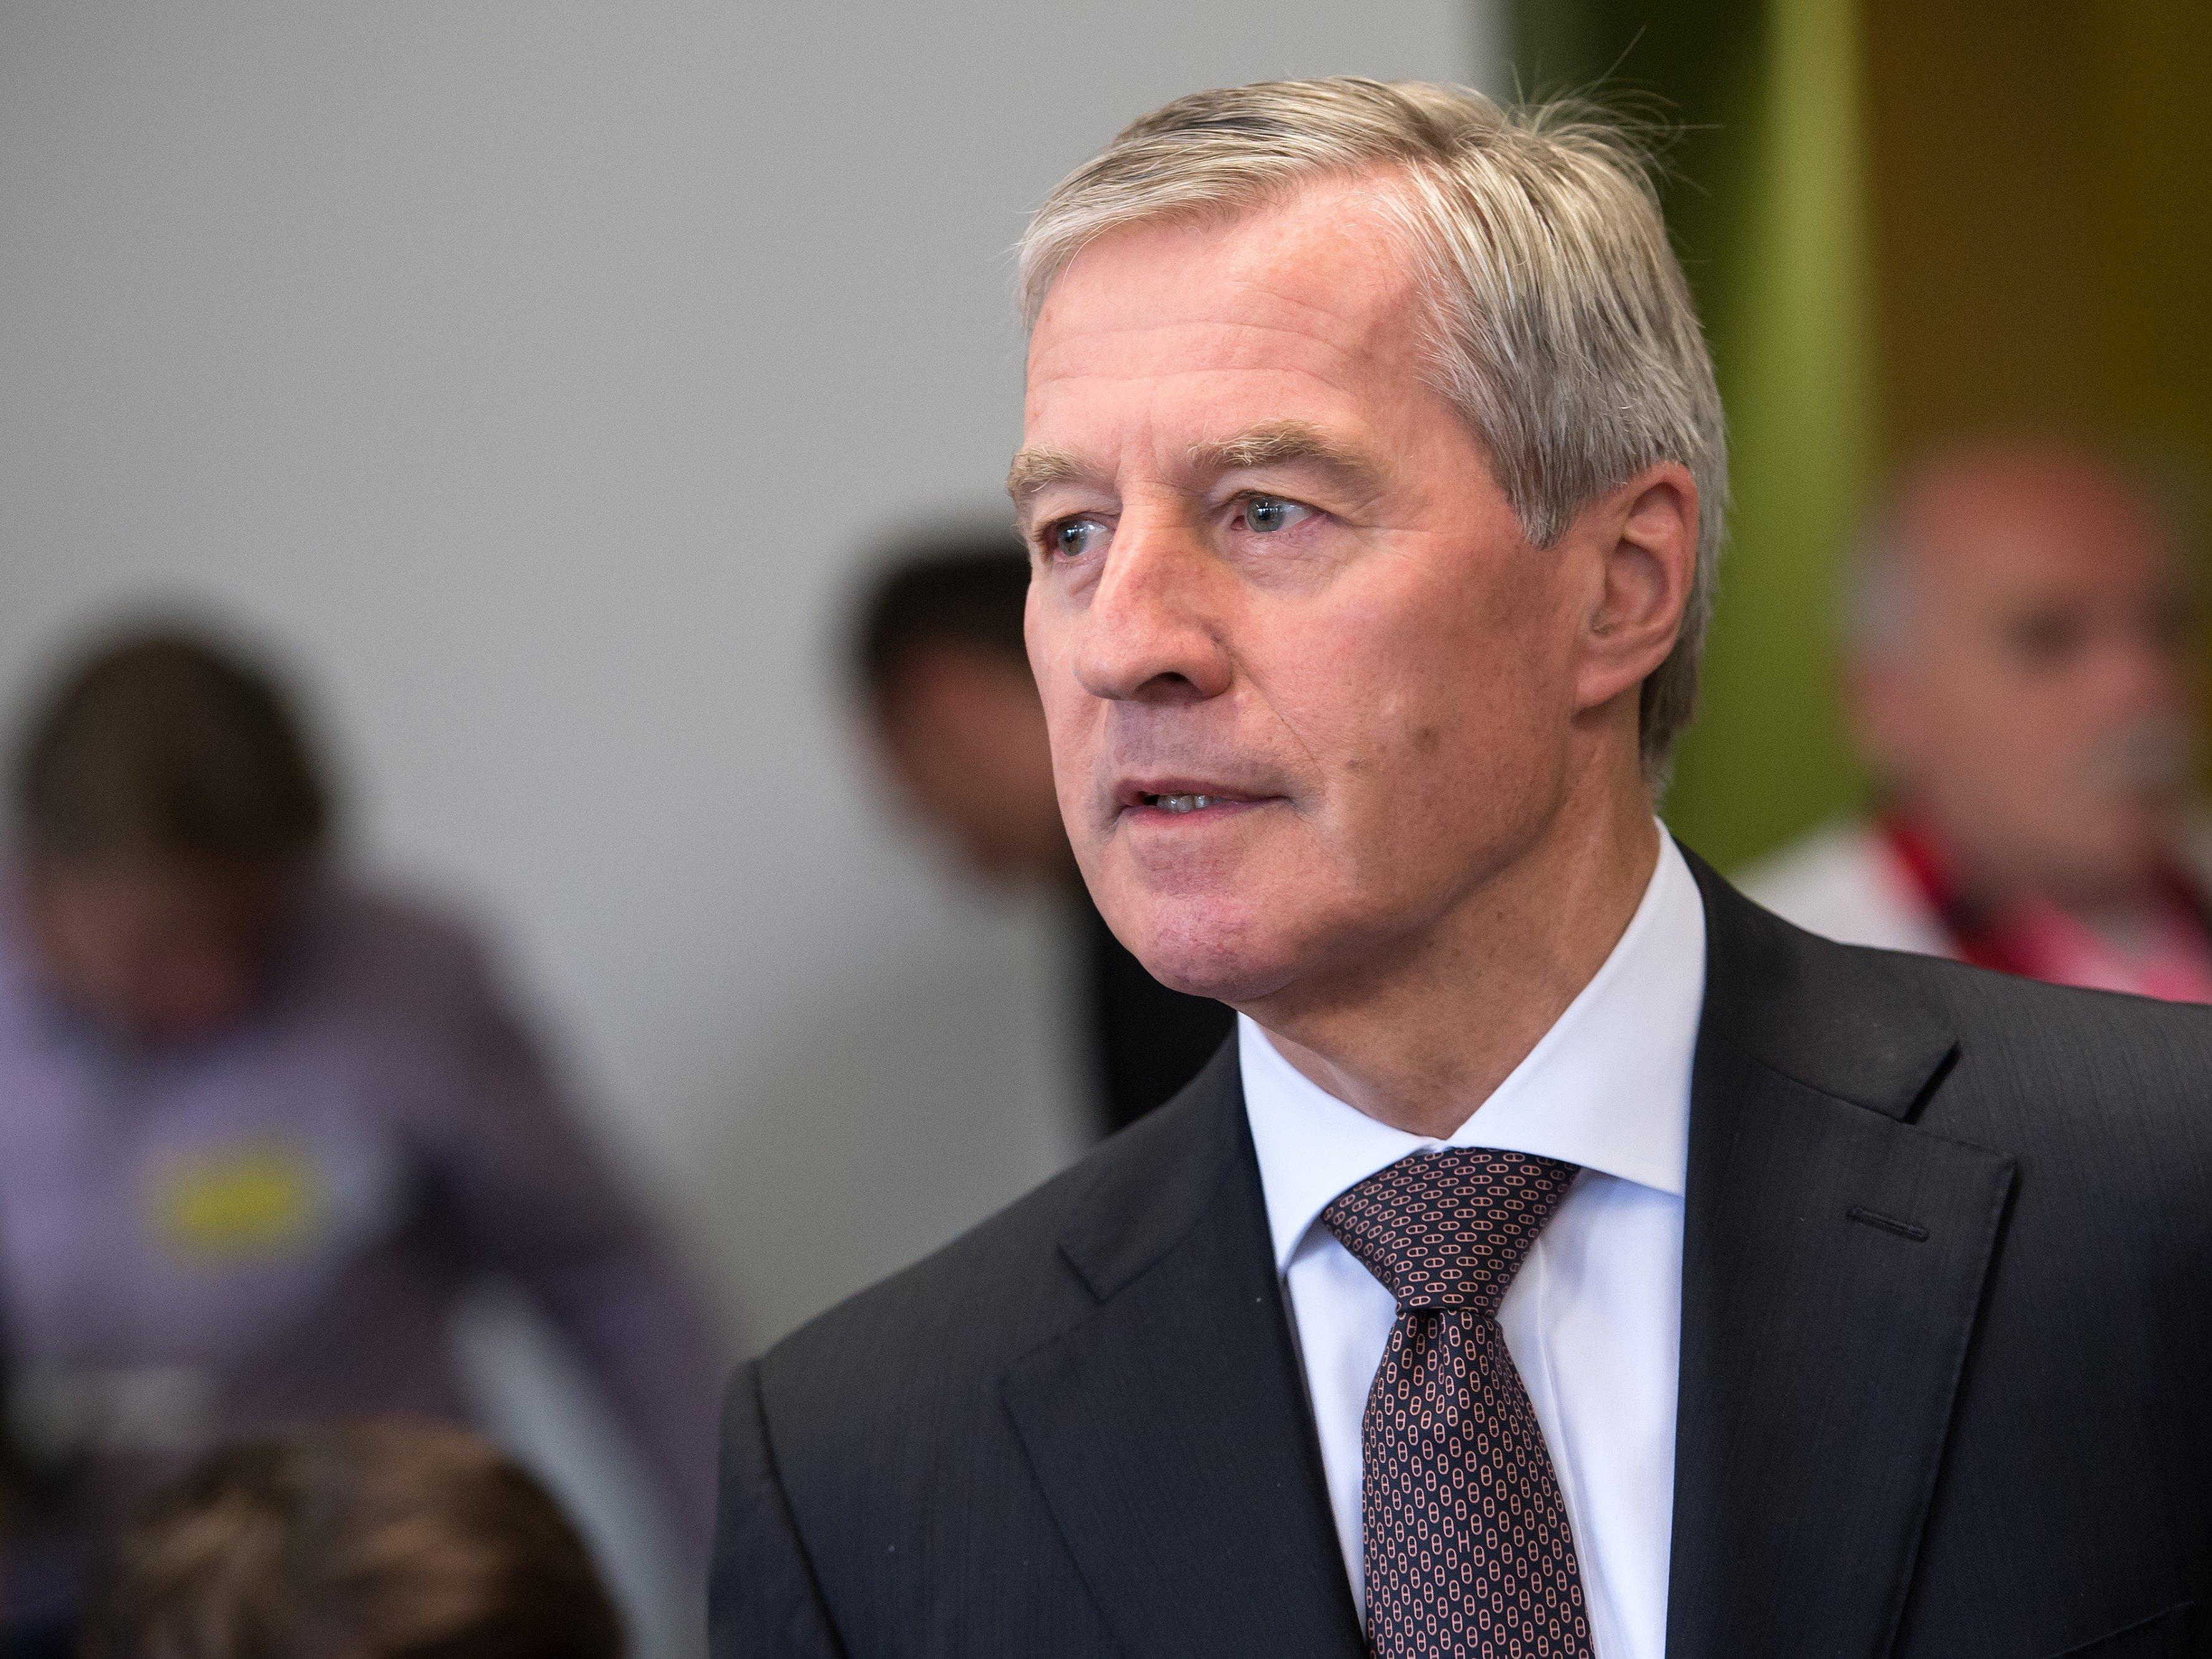 Der ehemalige Co-Chef Jürgen Fitschen und vier frühere Top-Manager wurden frei gesprochen